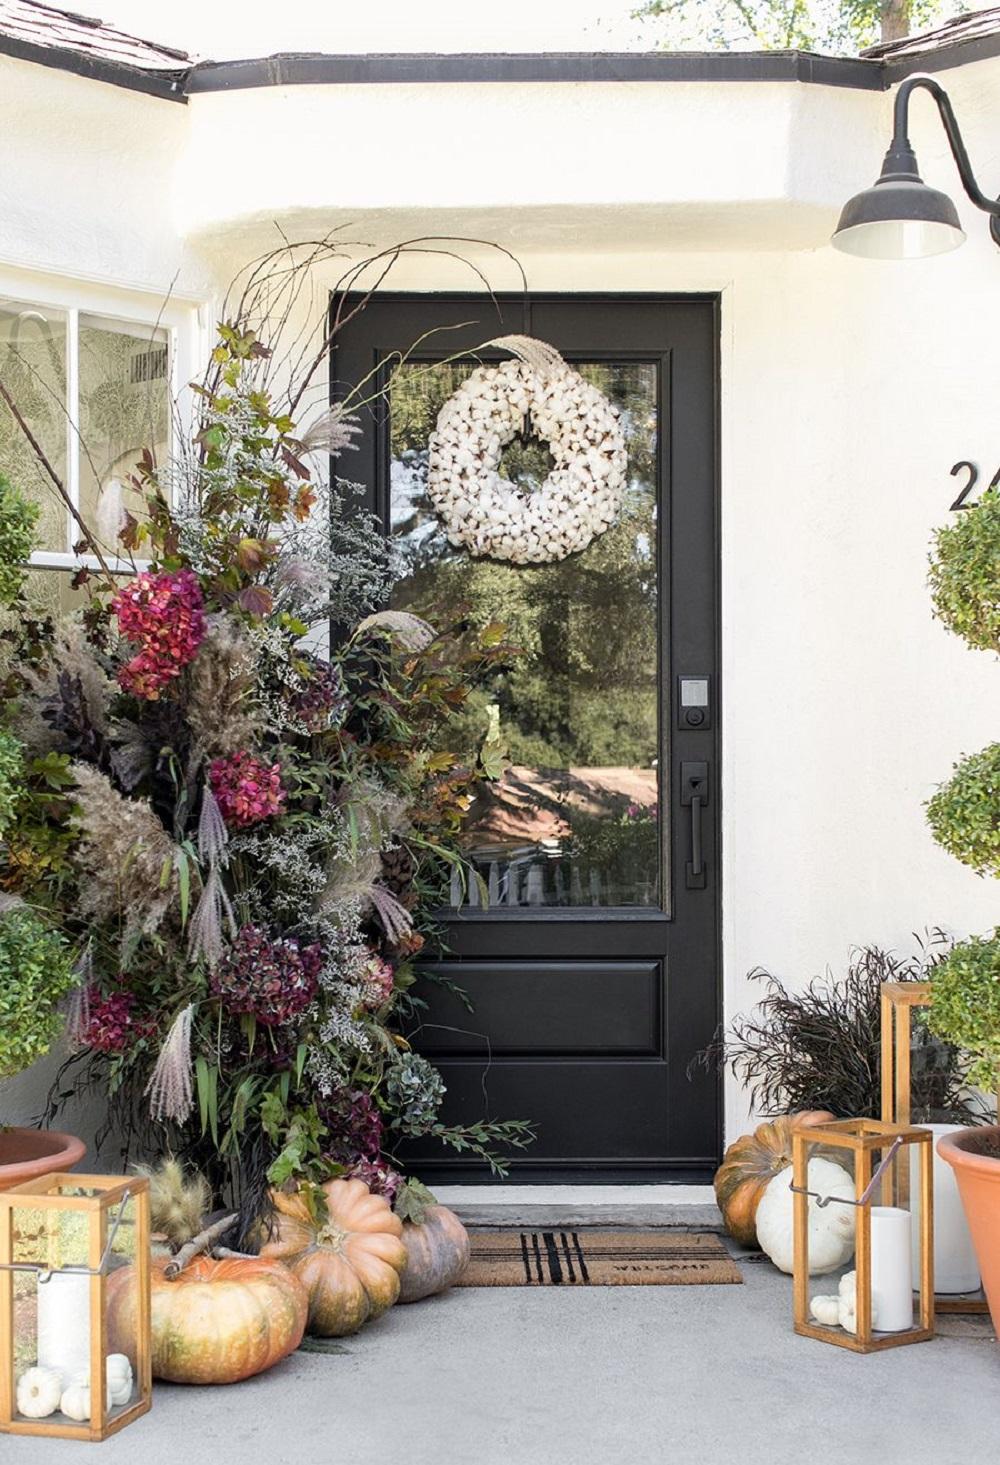 t3-59 Idées de décoration de Thanksgiving qui donneront une belle allure à votre maison